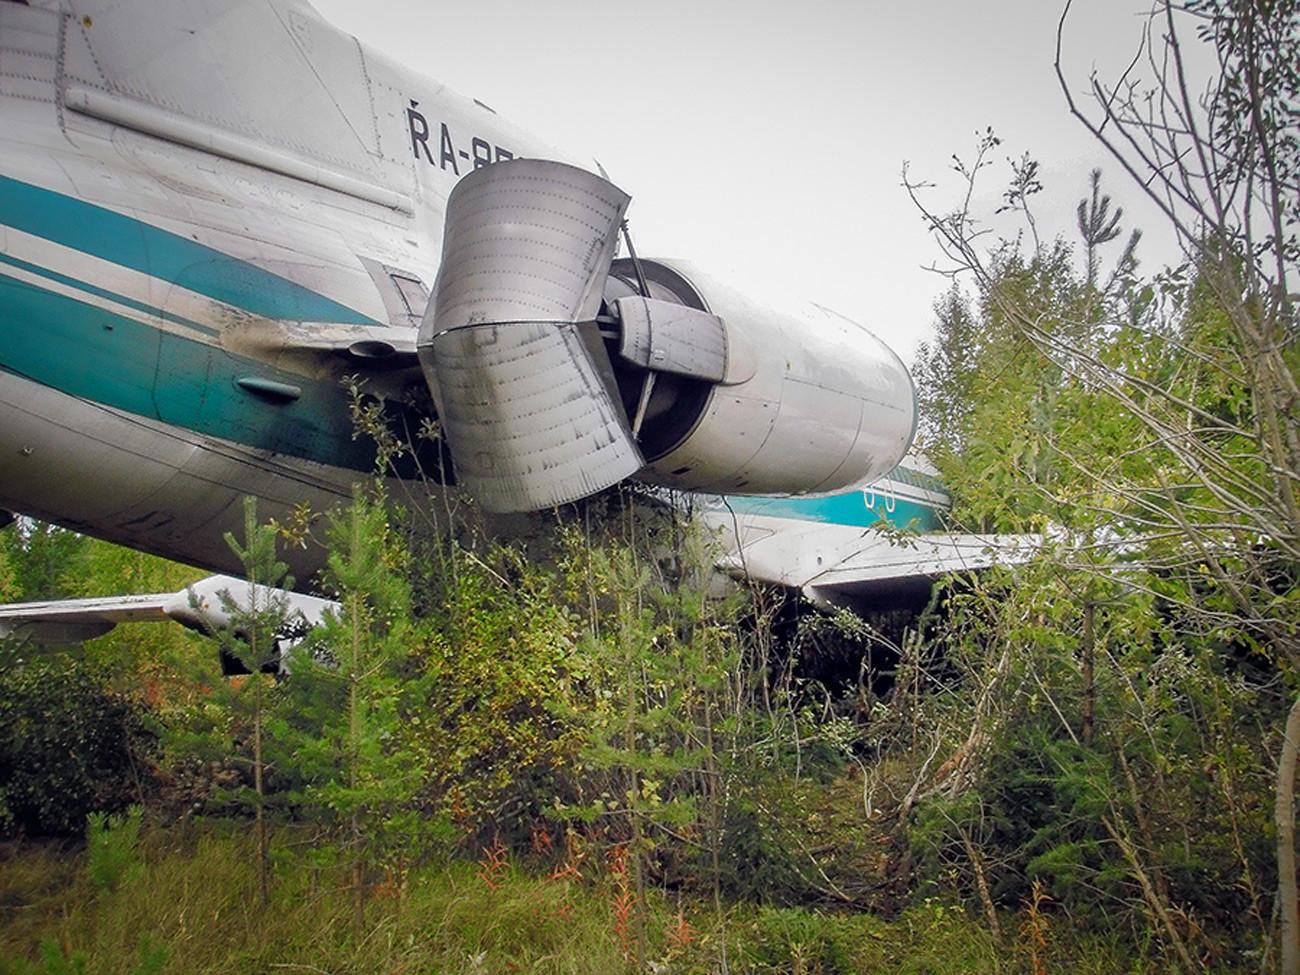 Авион Тупољев Ту-154 који је принудно слетео на некадашњи аеродром у селу Ижма, Република Коми.